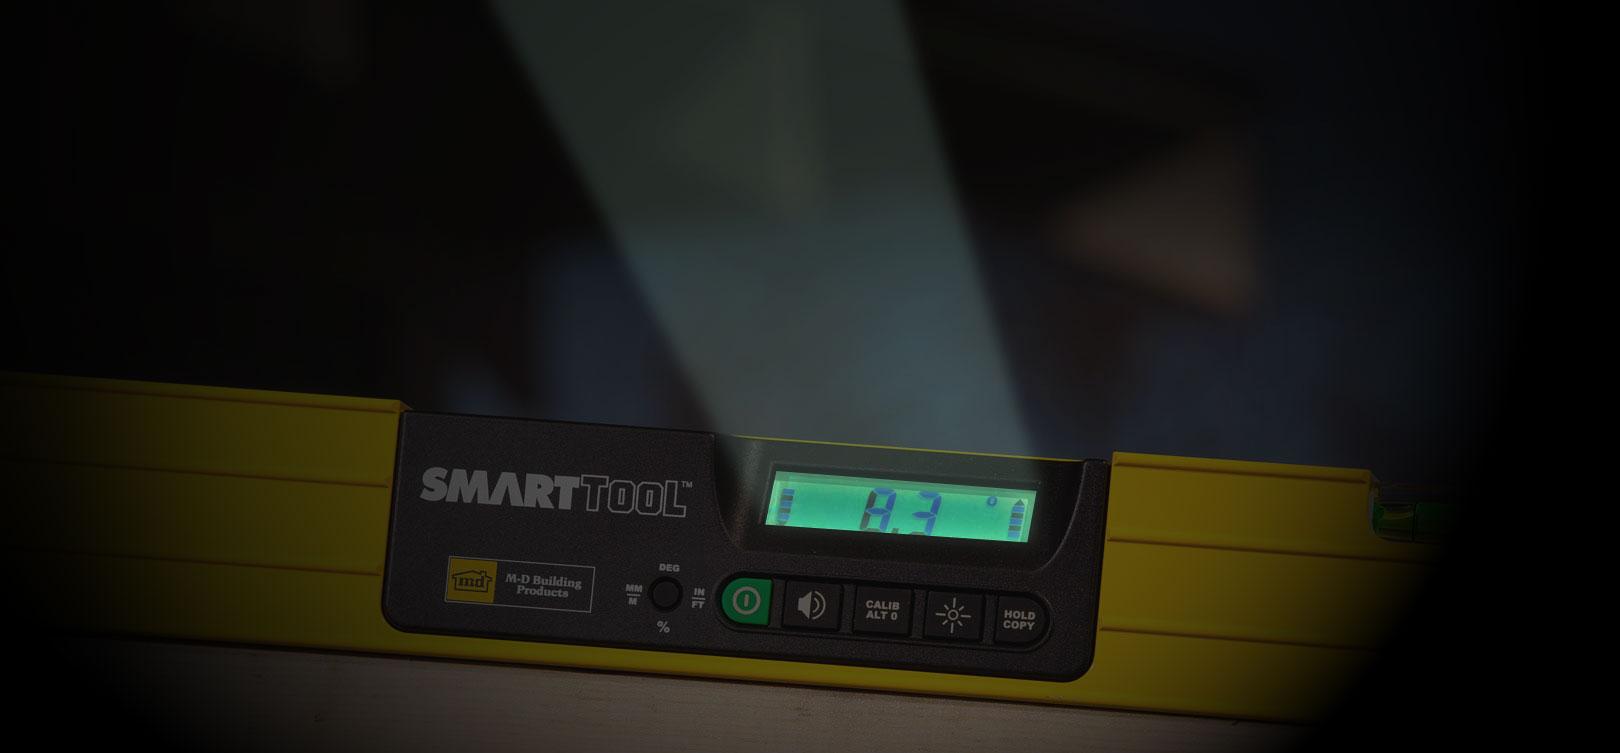 smartlevel_backlit1